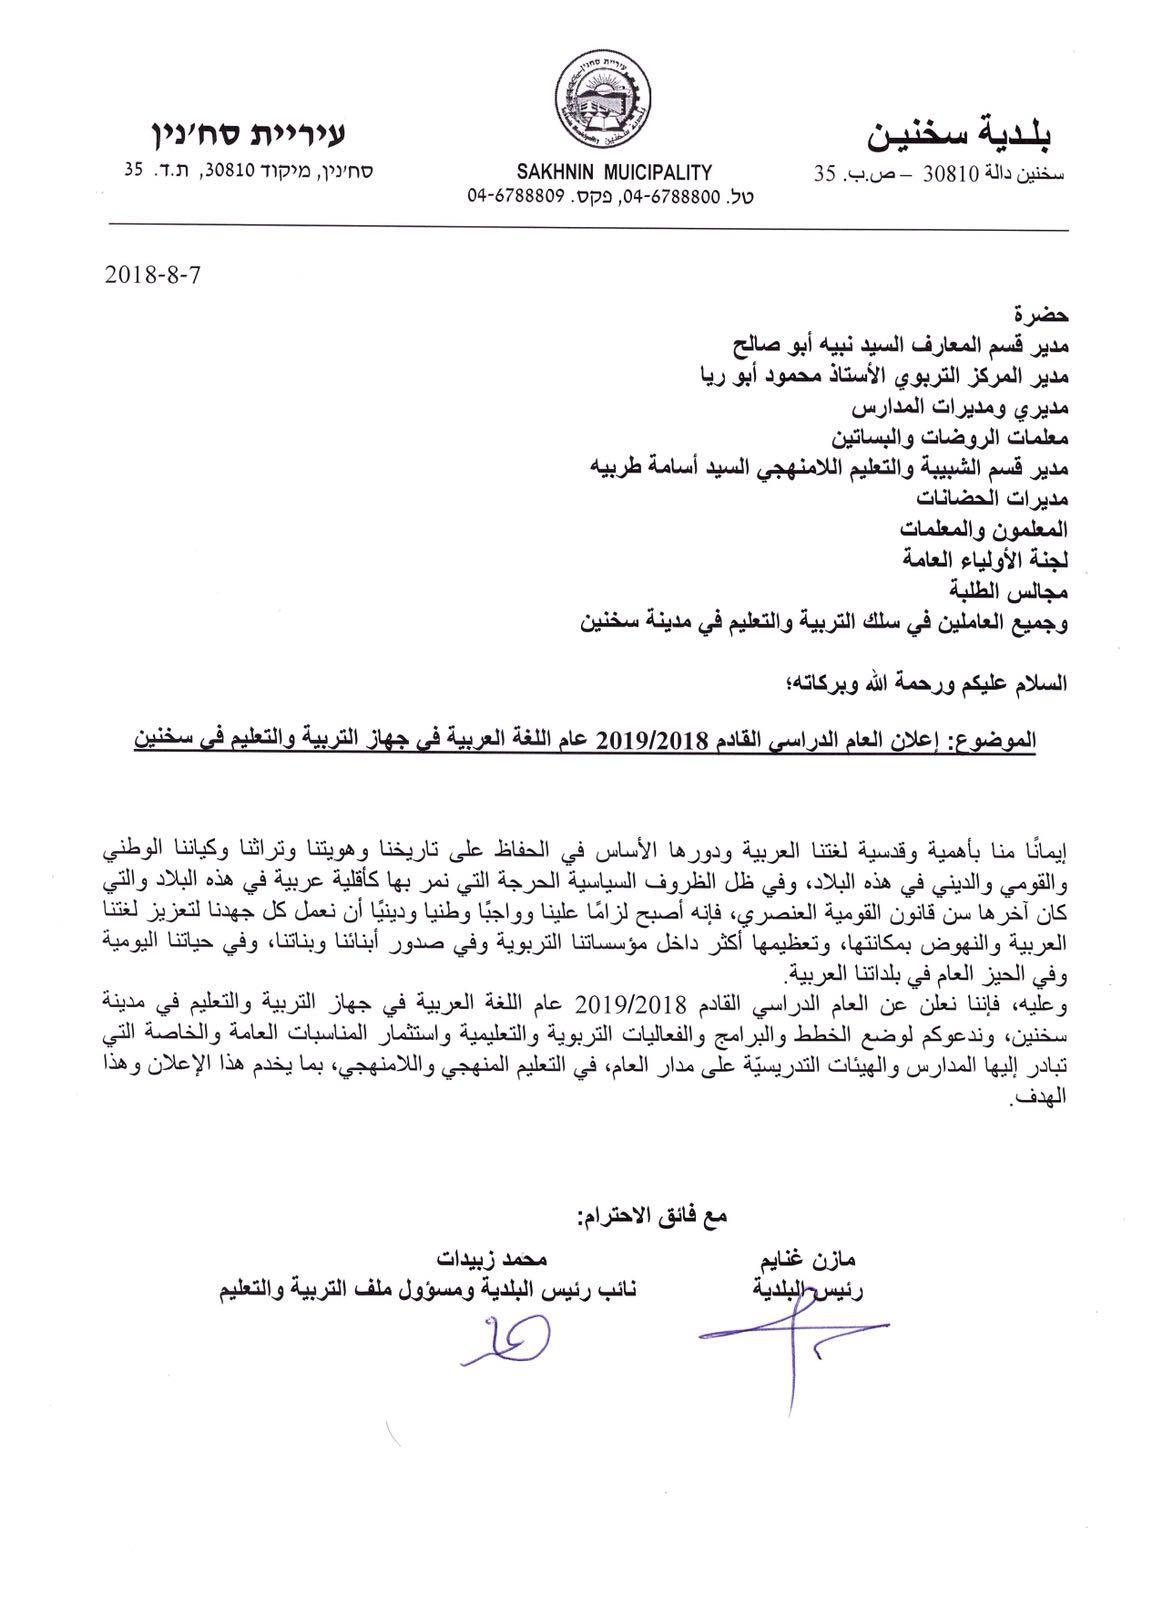 بلدية سخنين تعلن عام اللغة العربية وتبادر لتعريب اللافتات